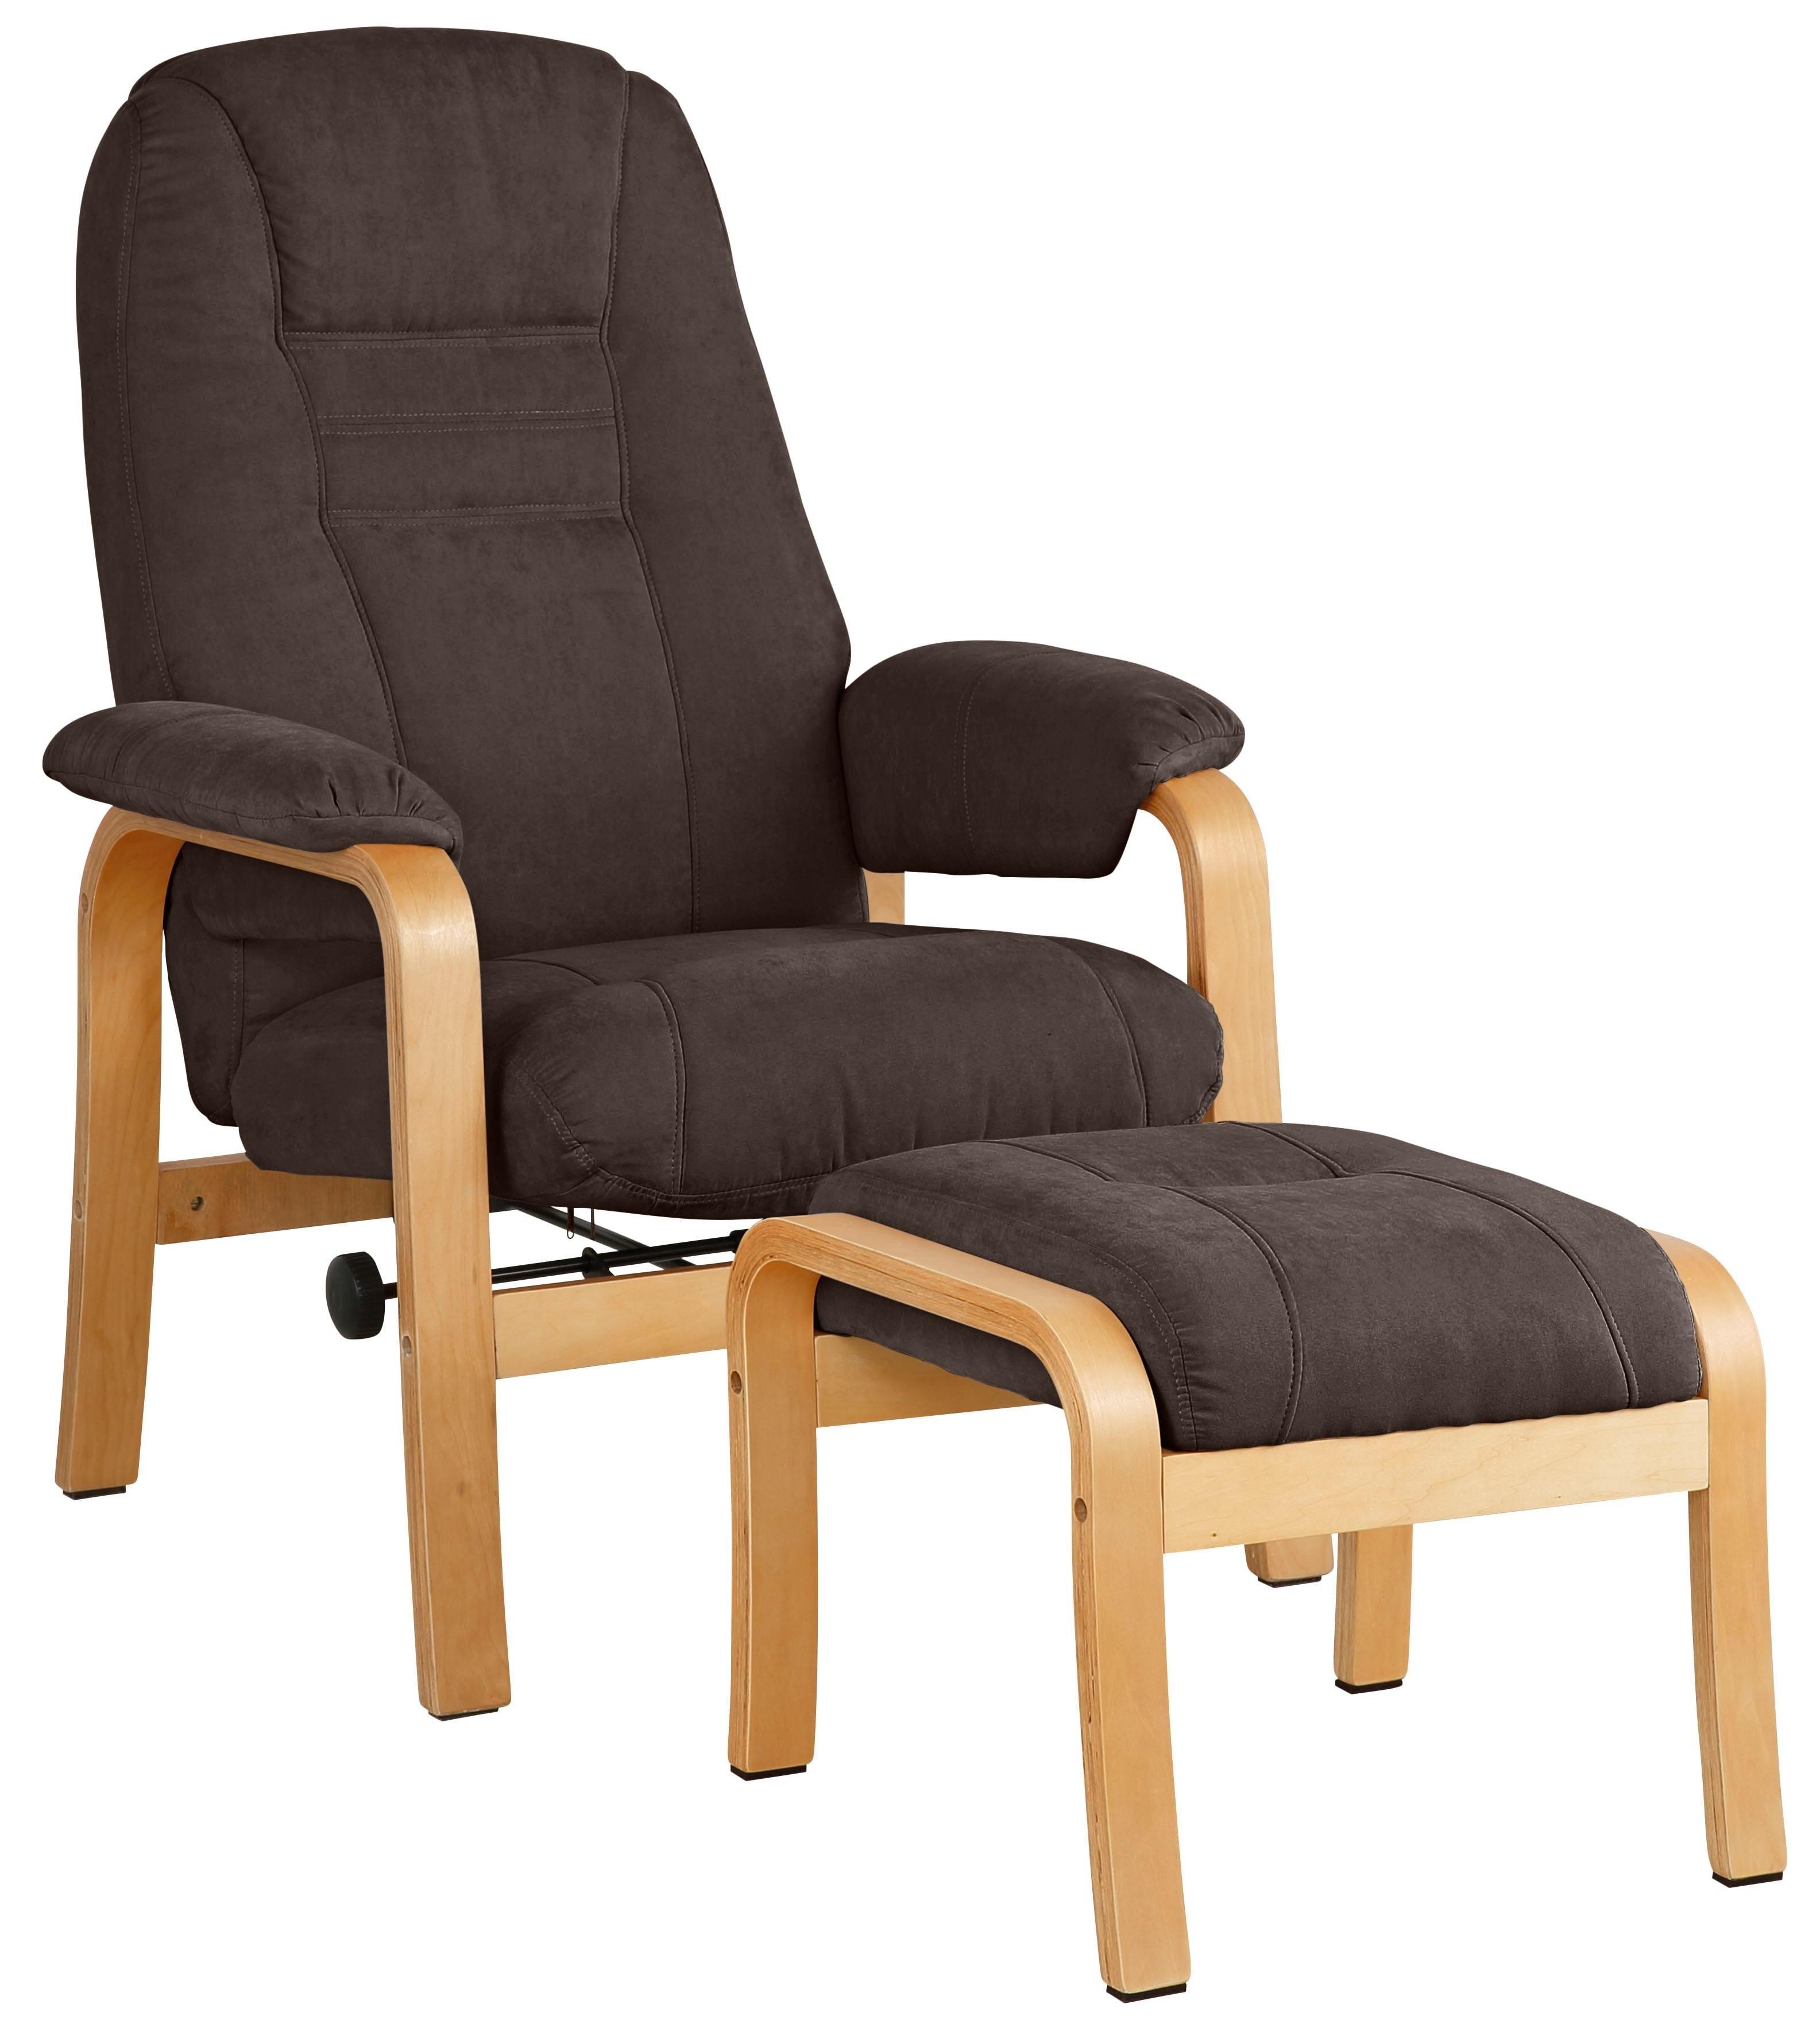 Relaxstoel Te Koop.Relaxfauteuils Online Kopen Uitgebreid Assortiment Relaxstoelen Otto